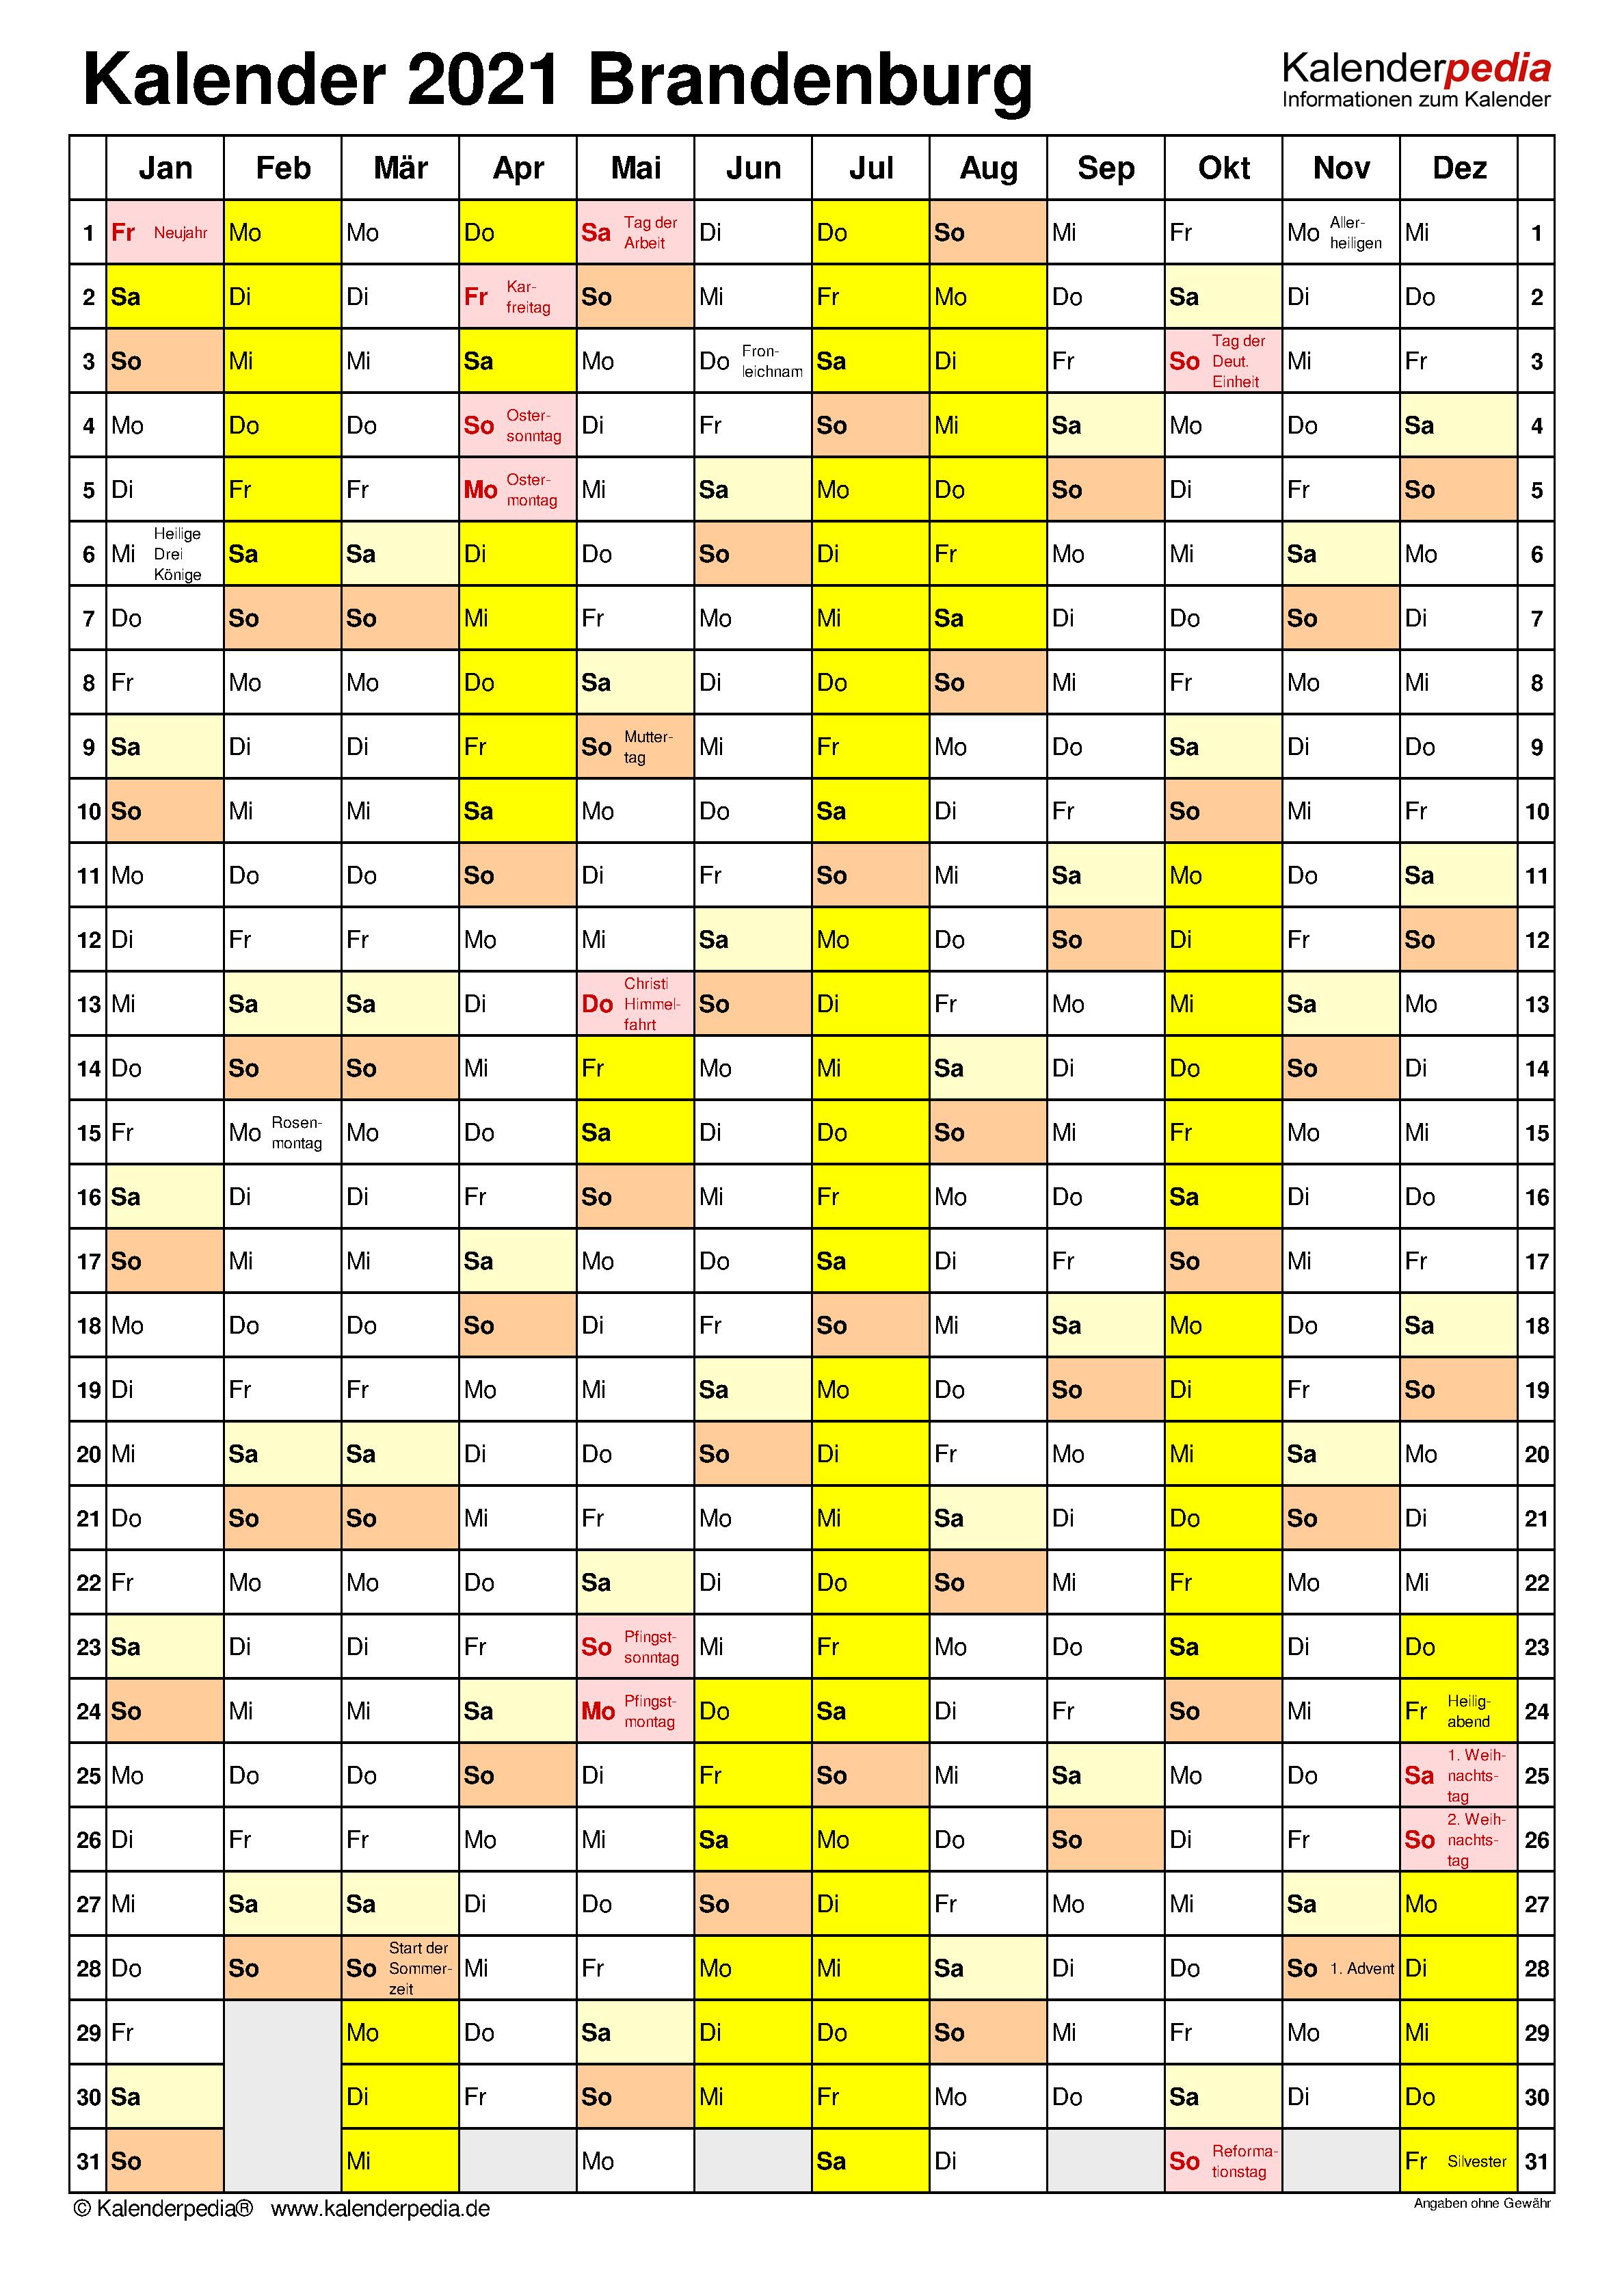 Kalender 2021 Brandenburg: Ferien, Feiertage, Excel-Vorlagen